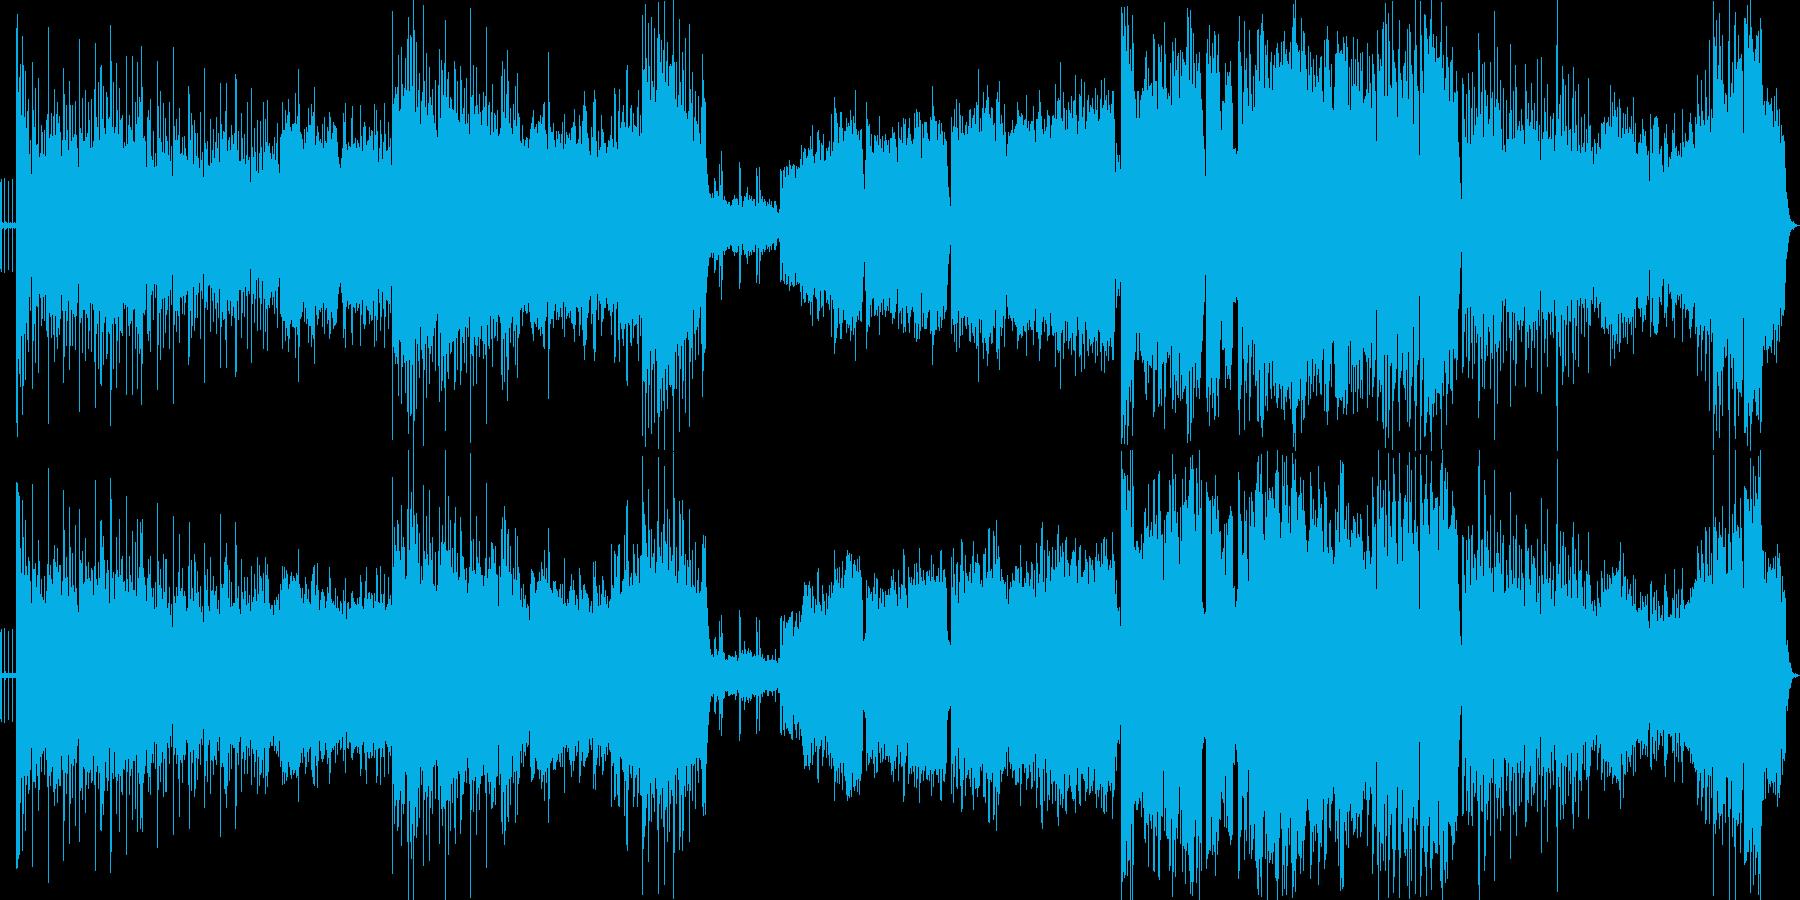 出陣のイメージの激しく壮大なオリジナル曲の再生済みの波形